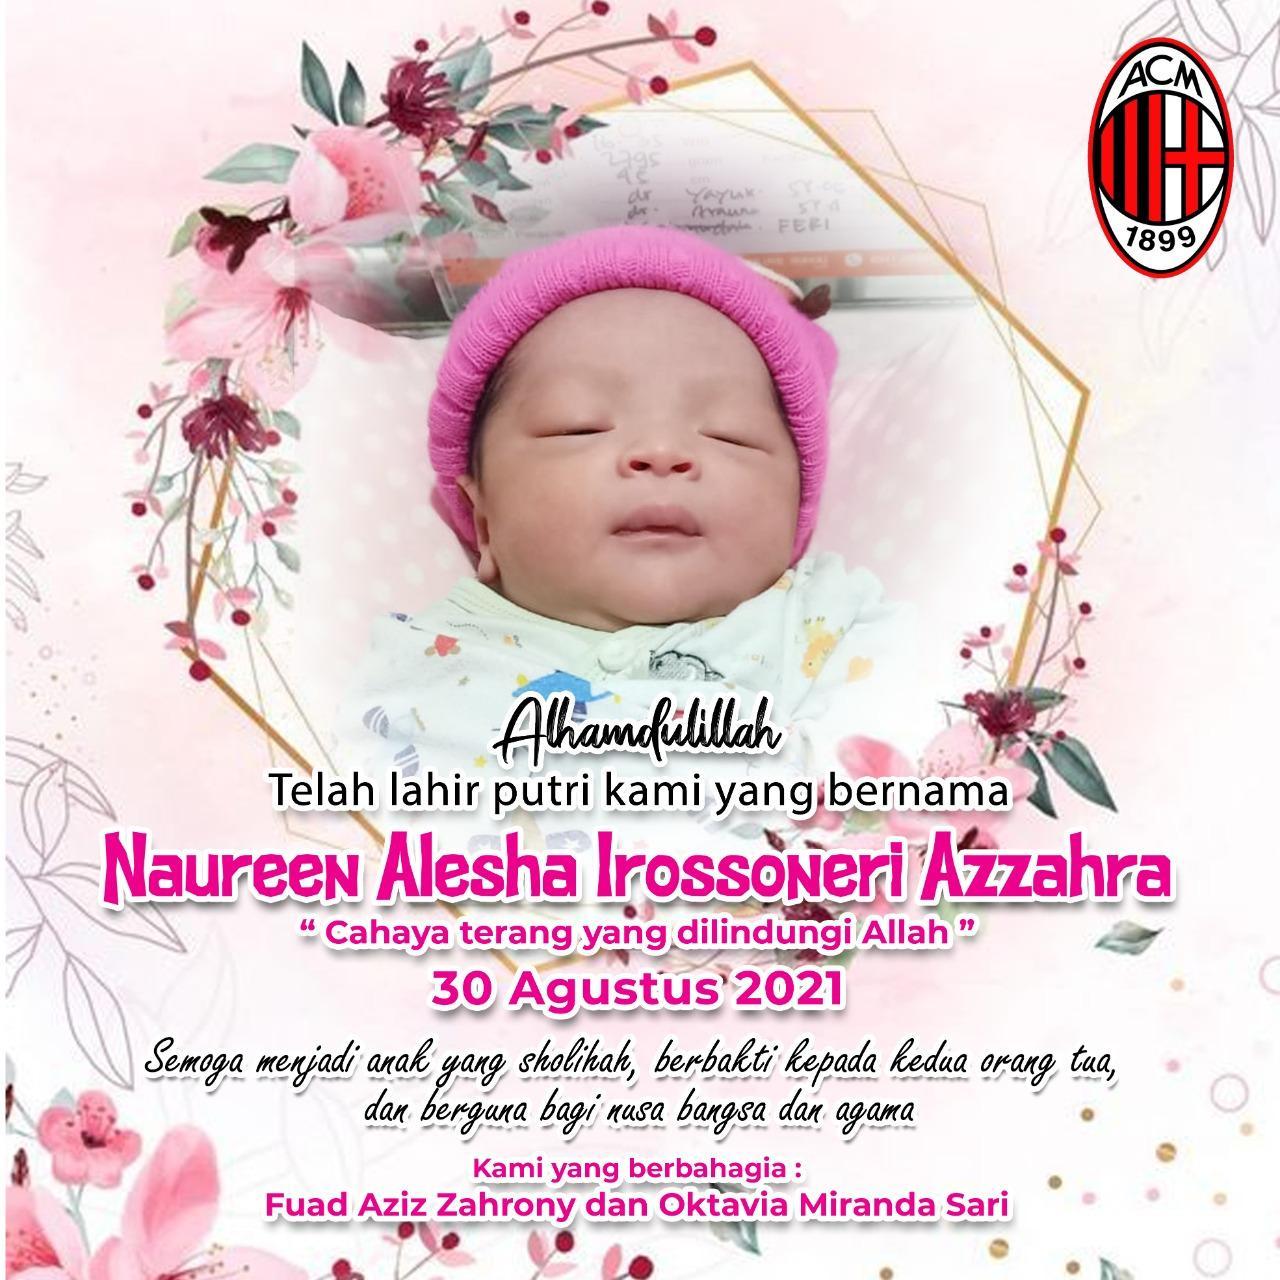 Desain banner kelahiran putri Fuad Aziz Zahrony (33) atau akrab disapa Aji juga memperlihatkan logo AC Milan.